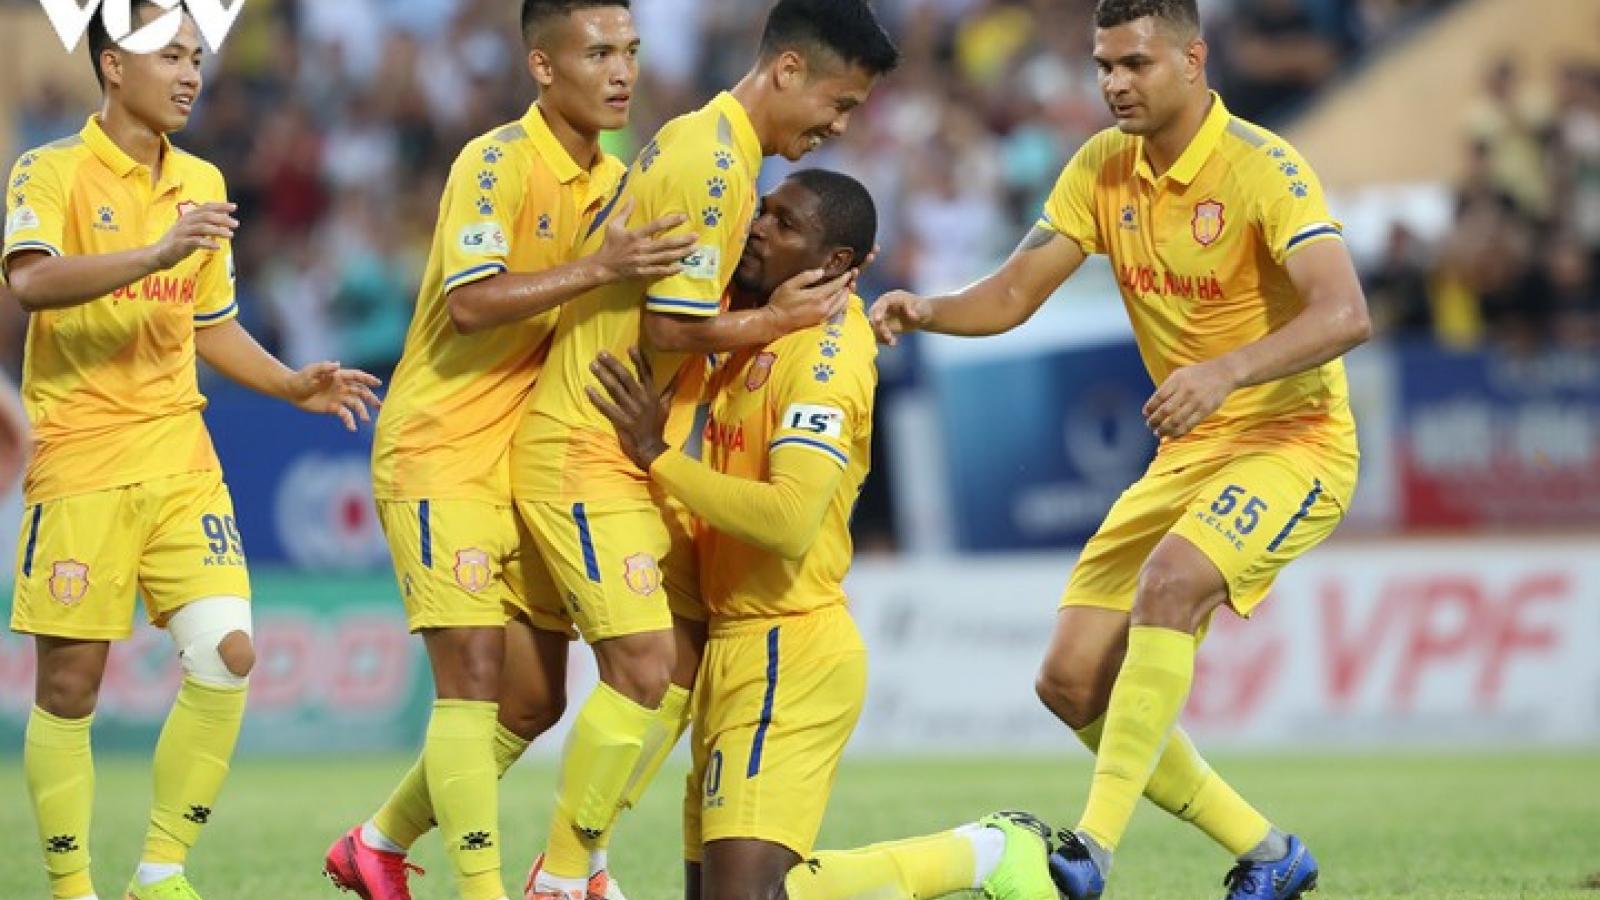 """Nam Định đá giao hữu với """"đối quen"""" sẵn sàng cho ngày V-League 2020 trở lại"""